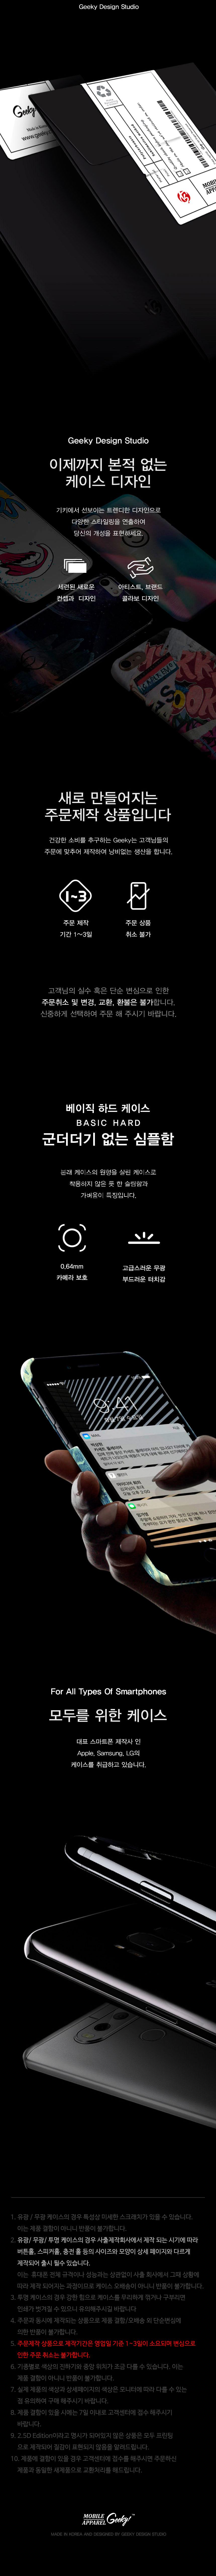 기키(GEEKY) [유광/무광] phone case Inside No.1